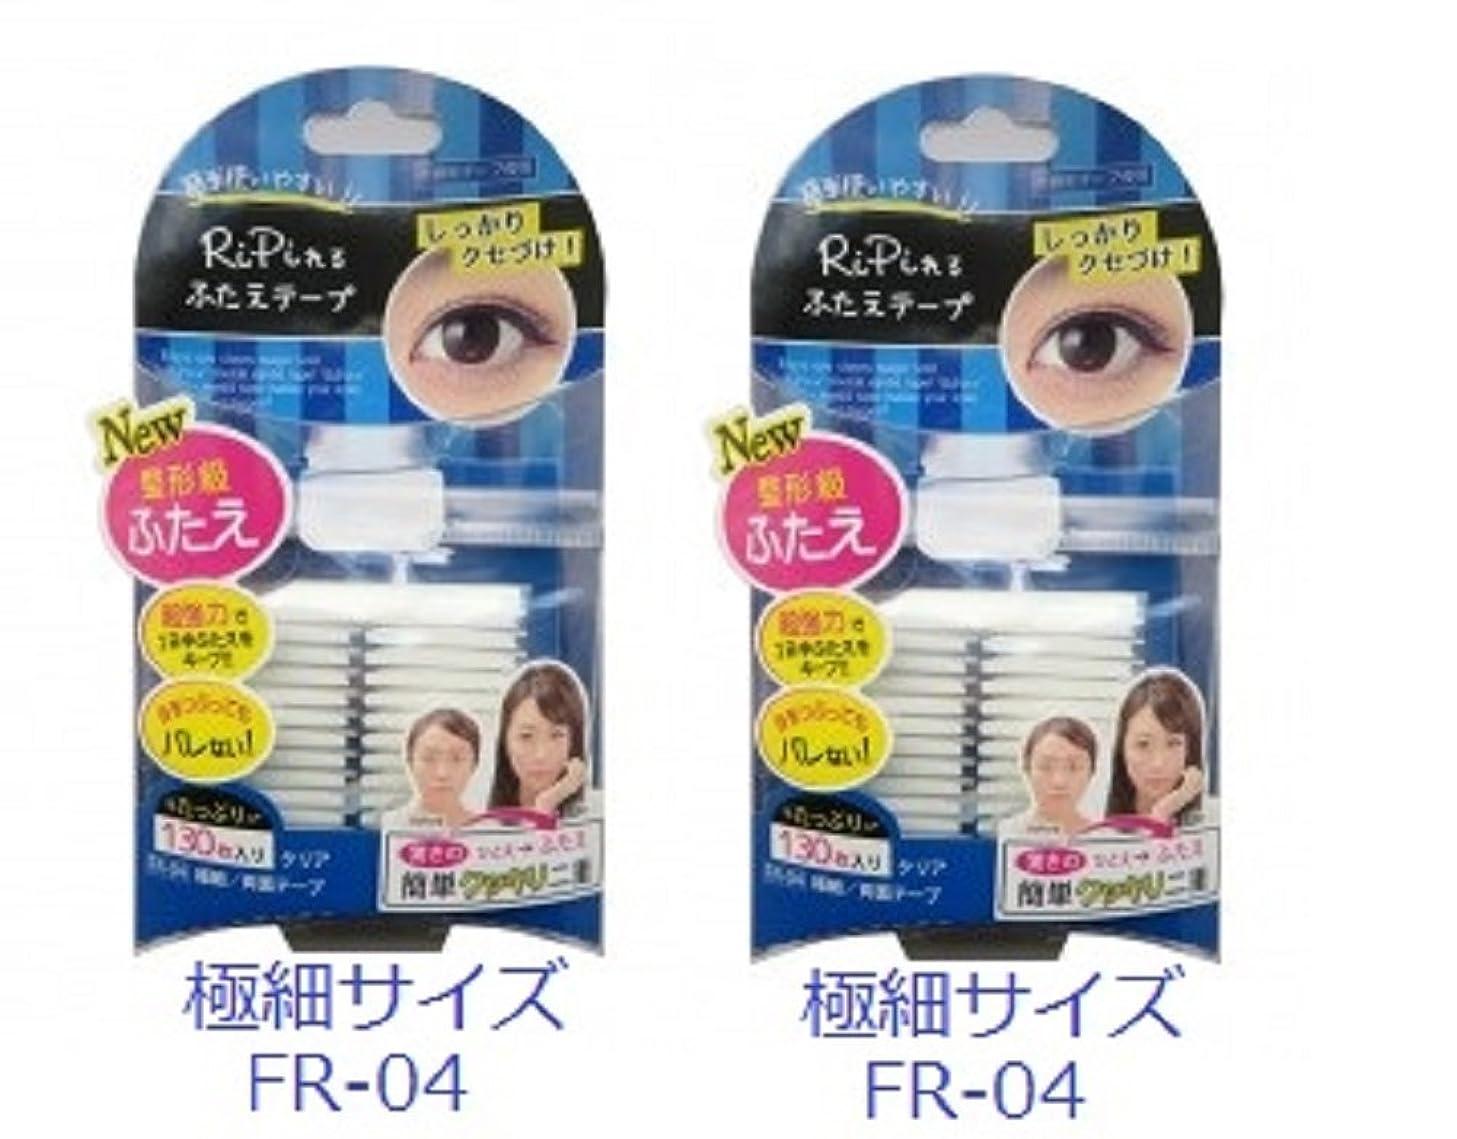 クーポンシーサイド窓アネックスジャパン RiPiれるふたえテープ 極細 130枚×2個セット